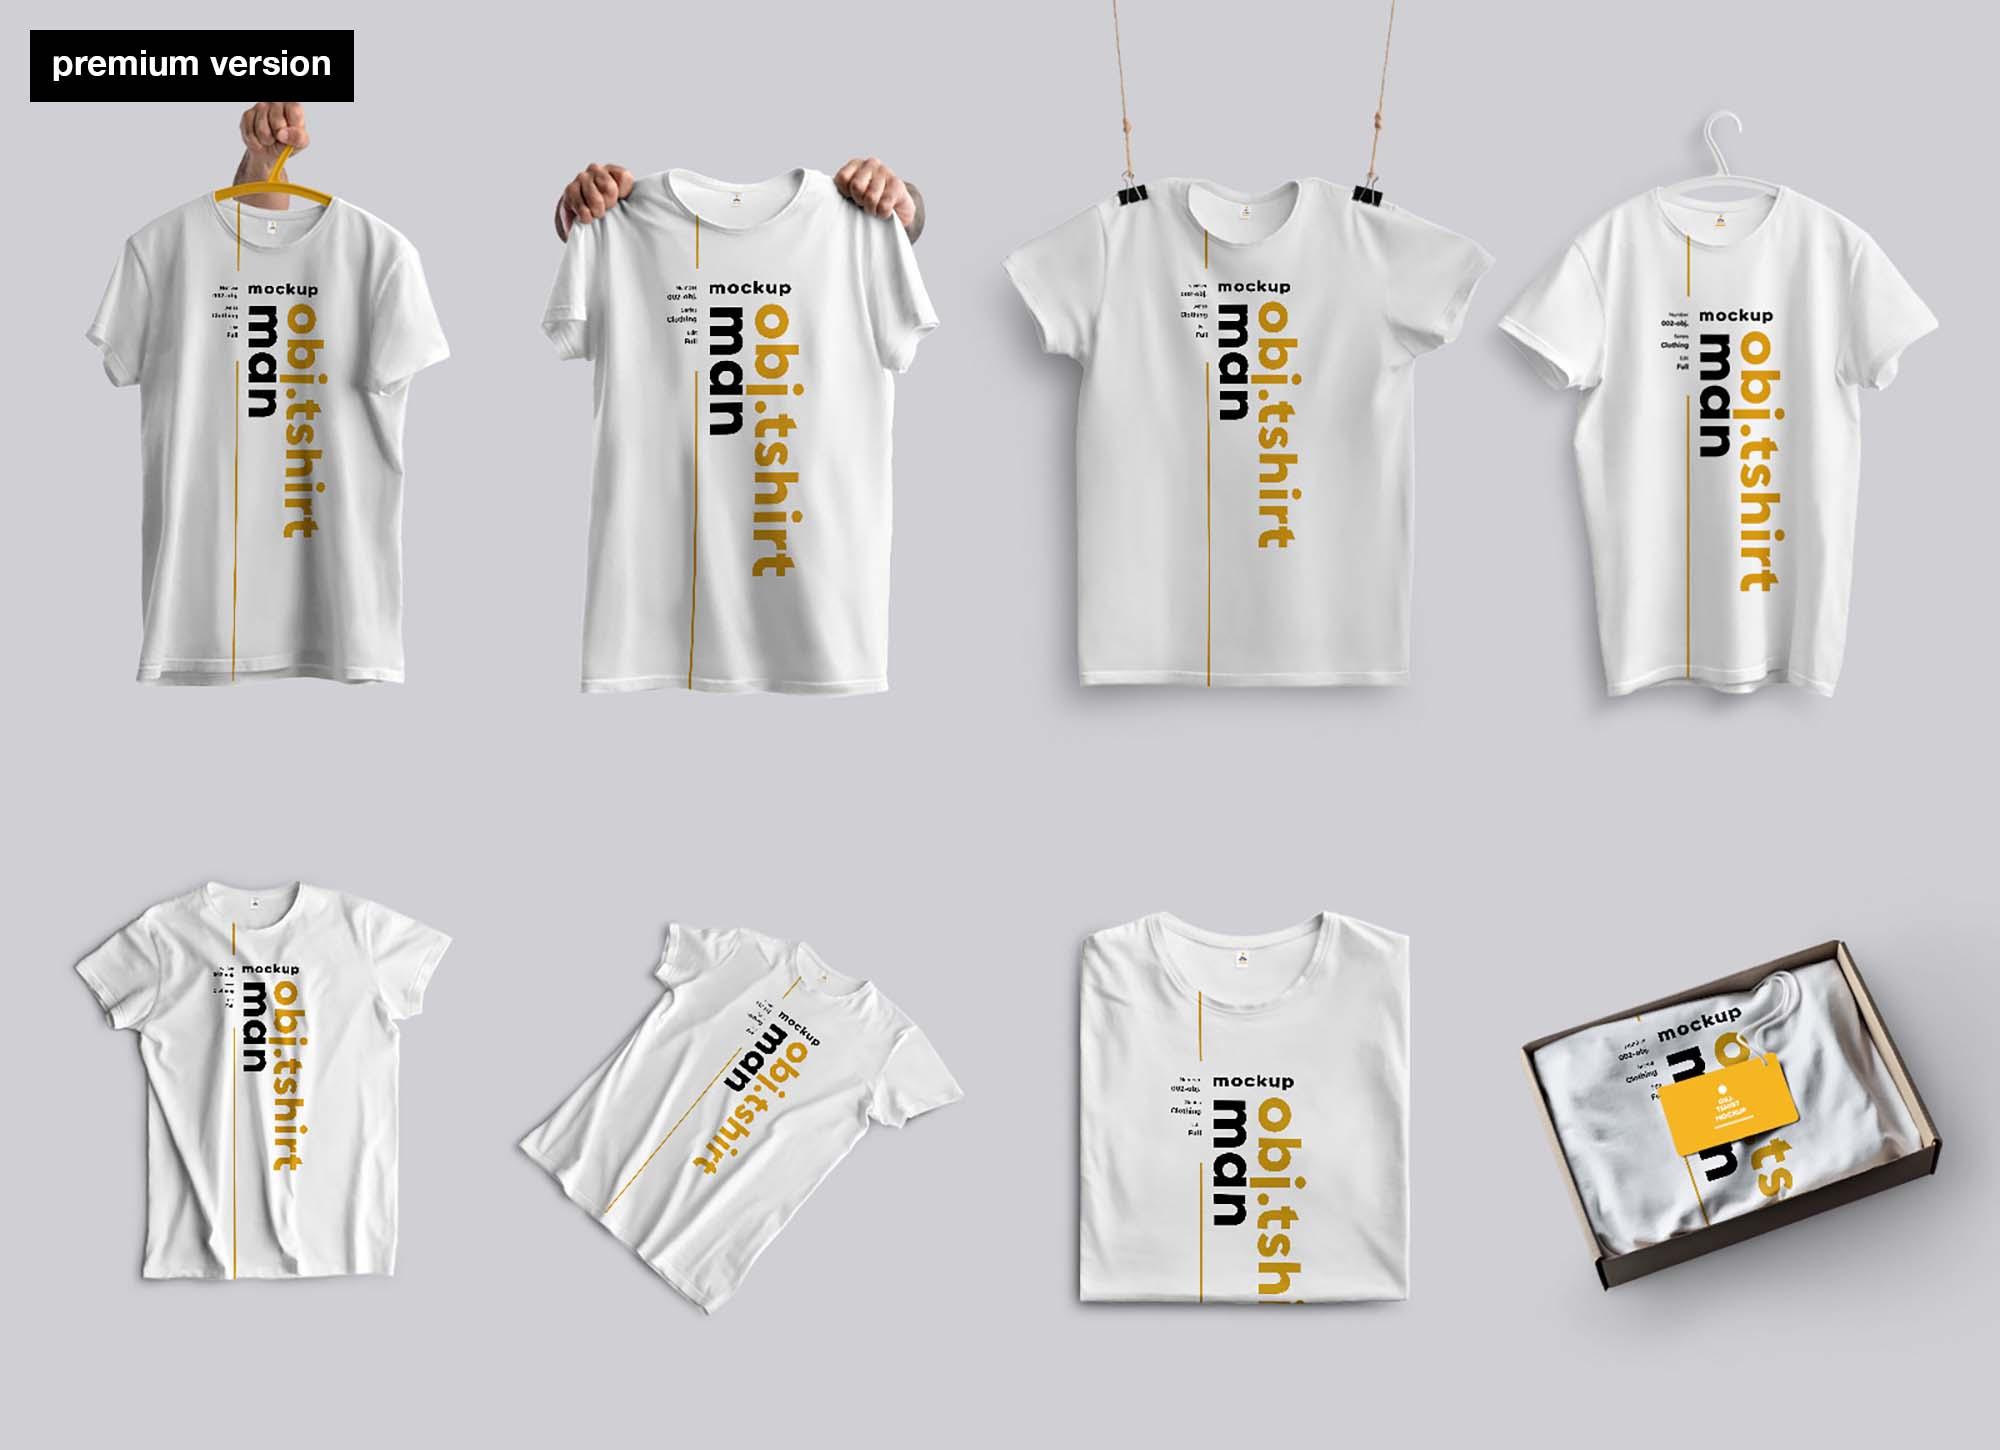 Men's T-shirt Mockup - Premium 2